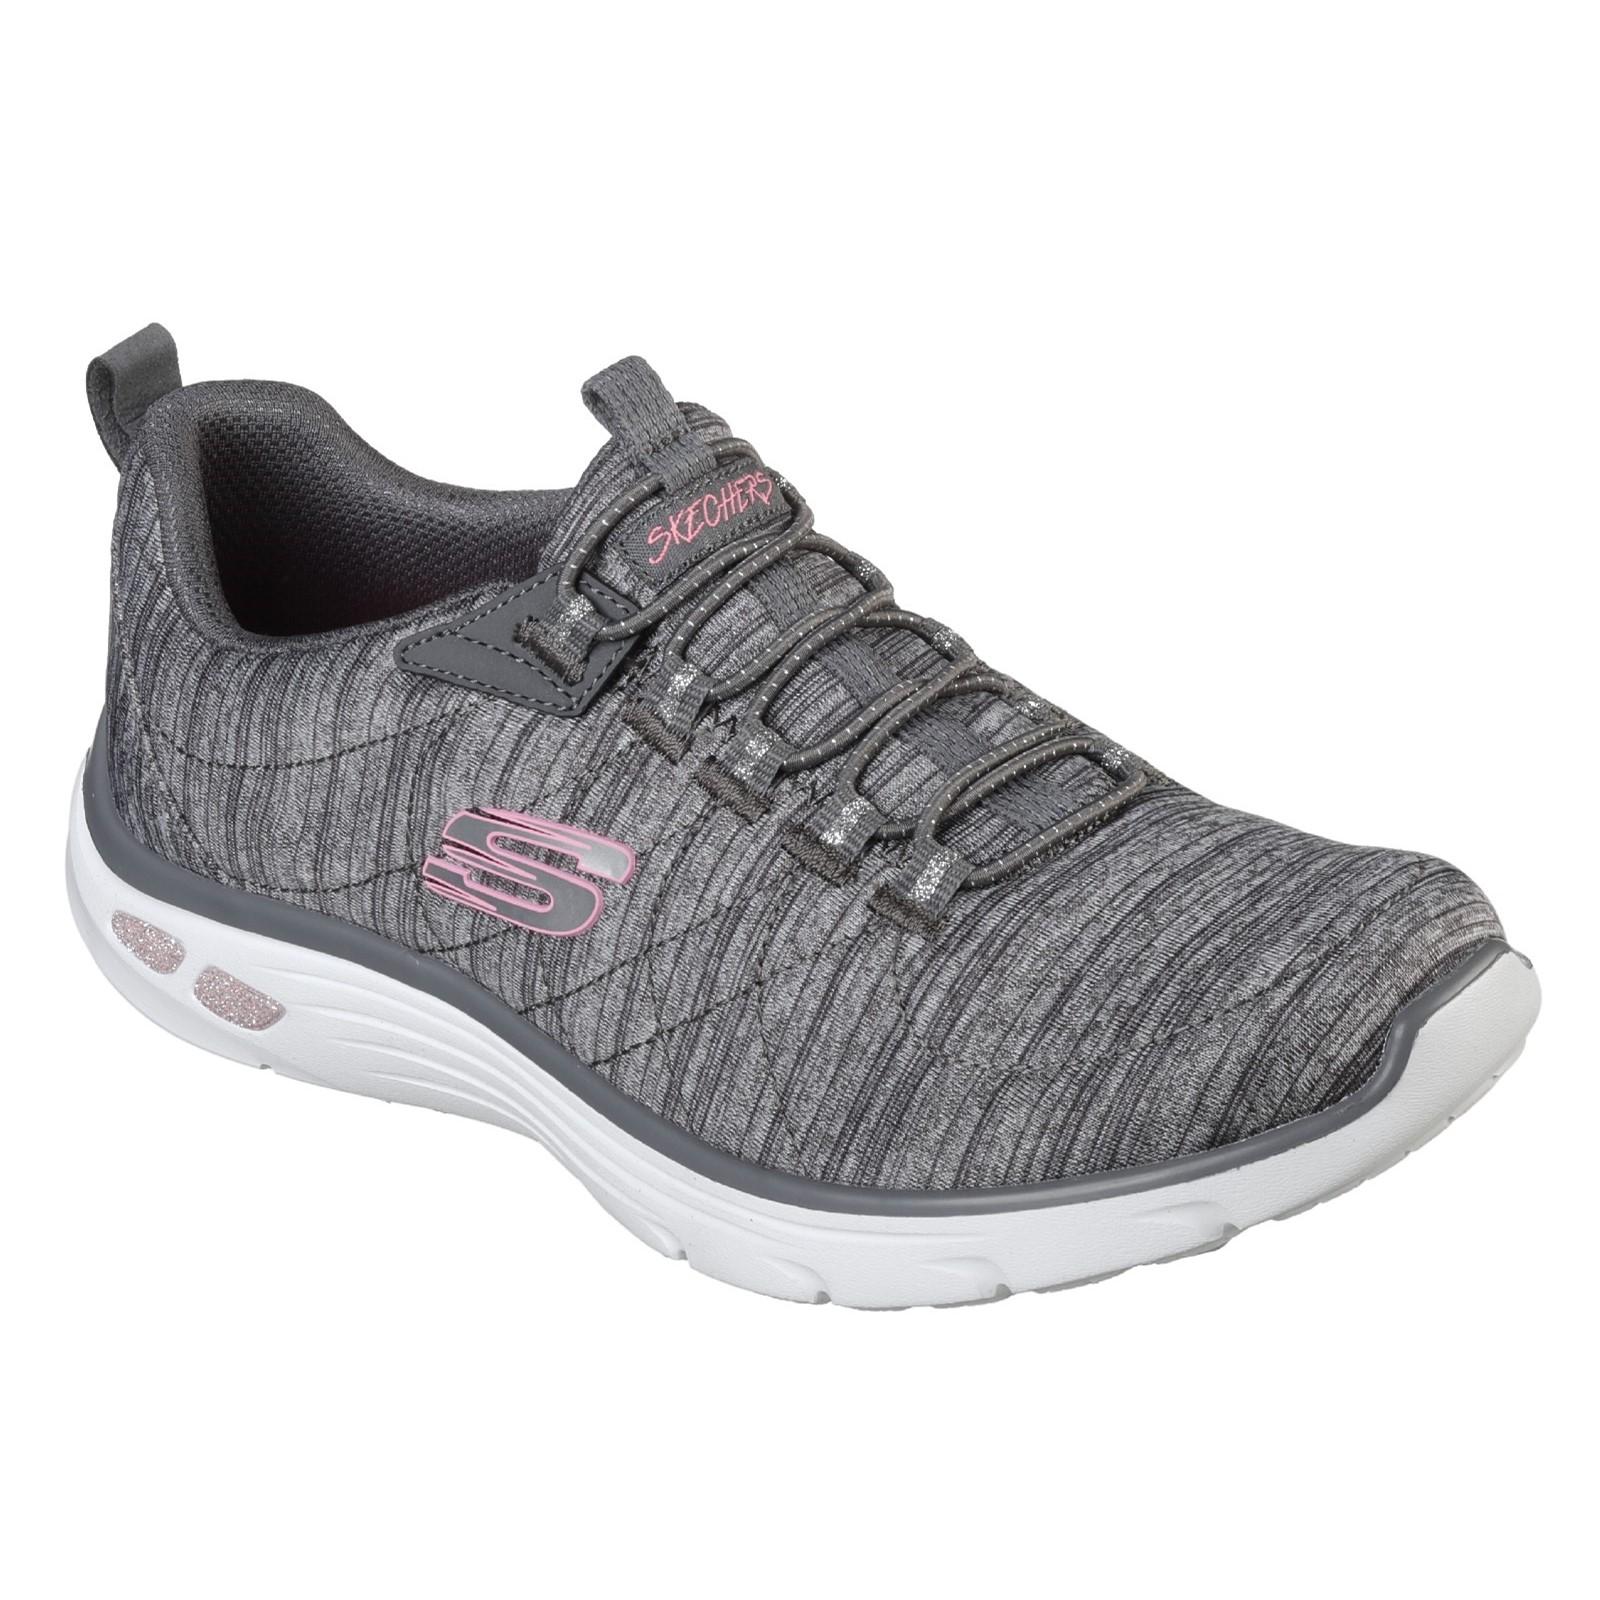 quality design da173 4563b Nike Blazer Mid PRM Casual Mens Shoes Game Game Game Red 429988-604 4bb40e